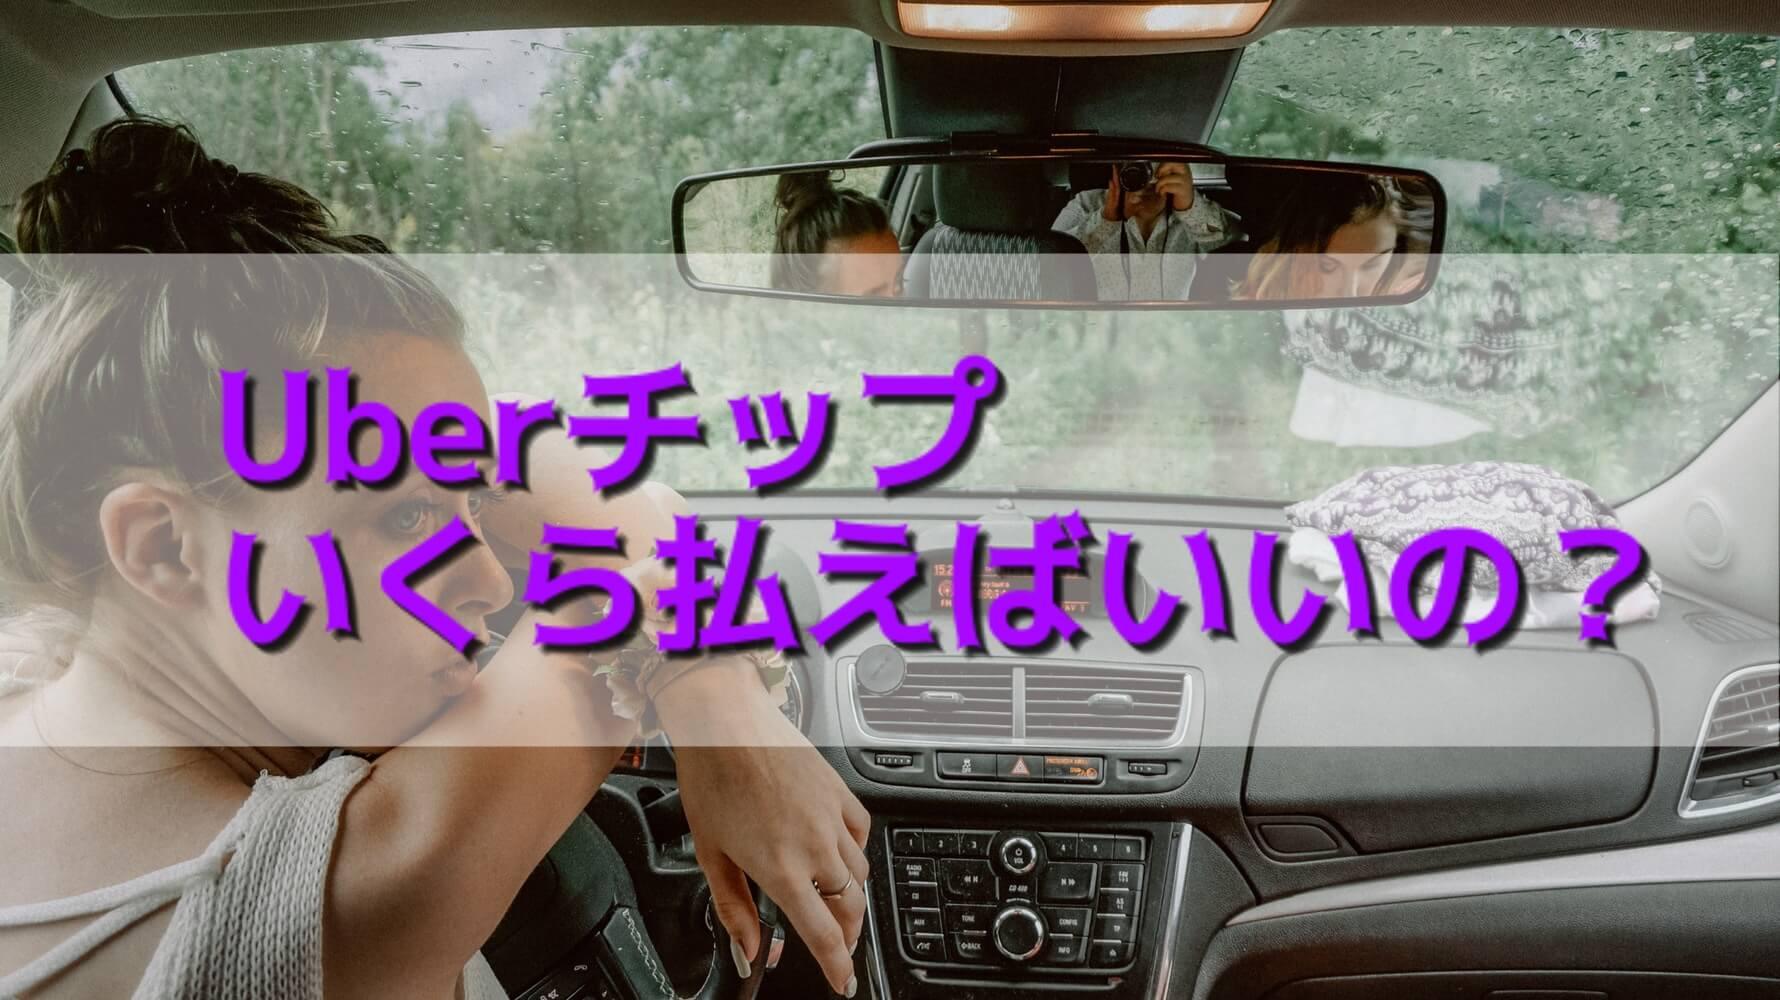 【ラスベガス】Uberチップの金額と目安。現役ドライバーにインタビューしてみた。